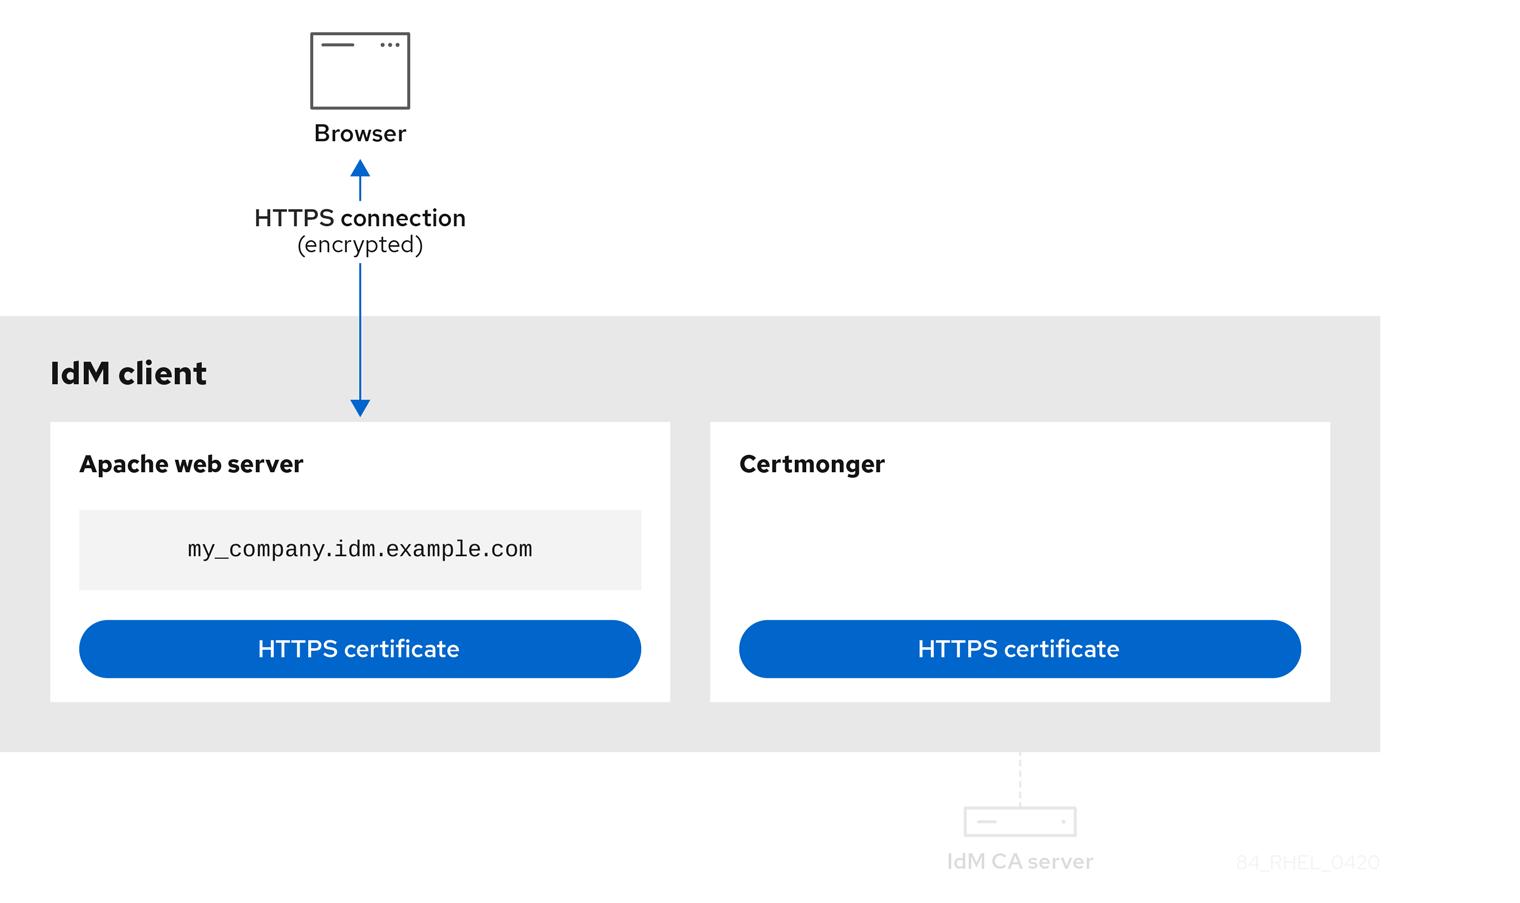 显示分配给 Apache Web 服务器的 HTTPS 证书的镜像和分配给证书服务的镜像的示意图。浏览器和 Apache webserver 之间有箭头显示连接现在是加密的 HTTPS 连接。certmonger 服务和 IdM CA 服务器之间的连接不活跃。